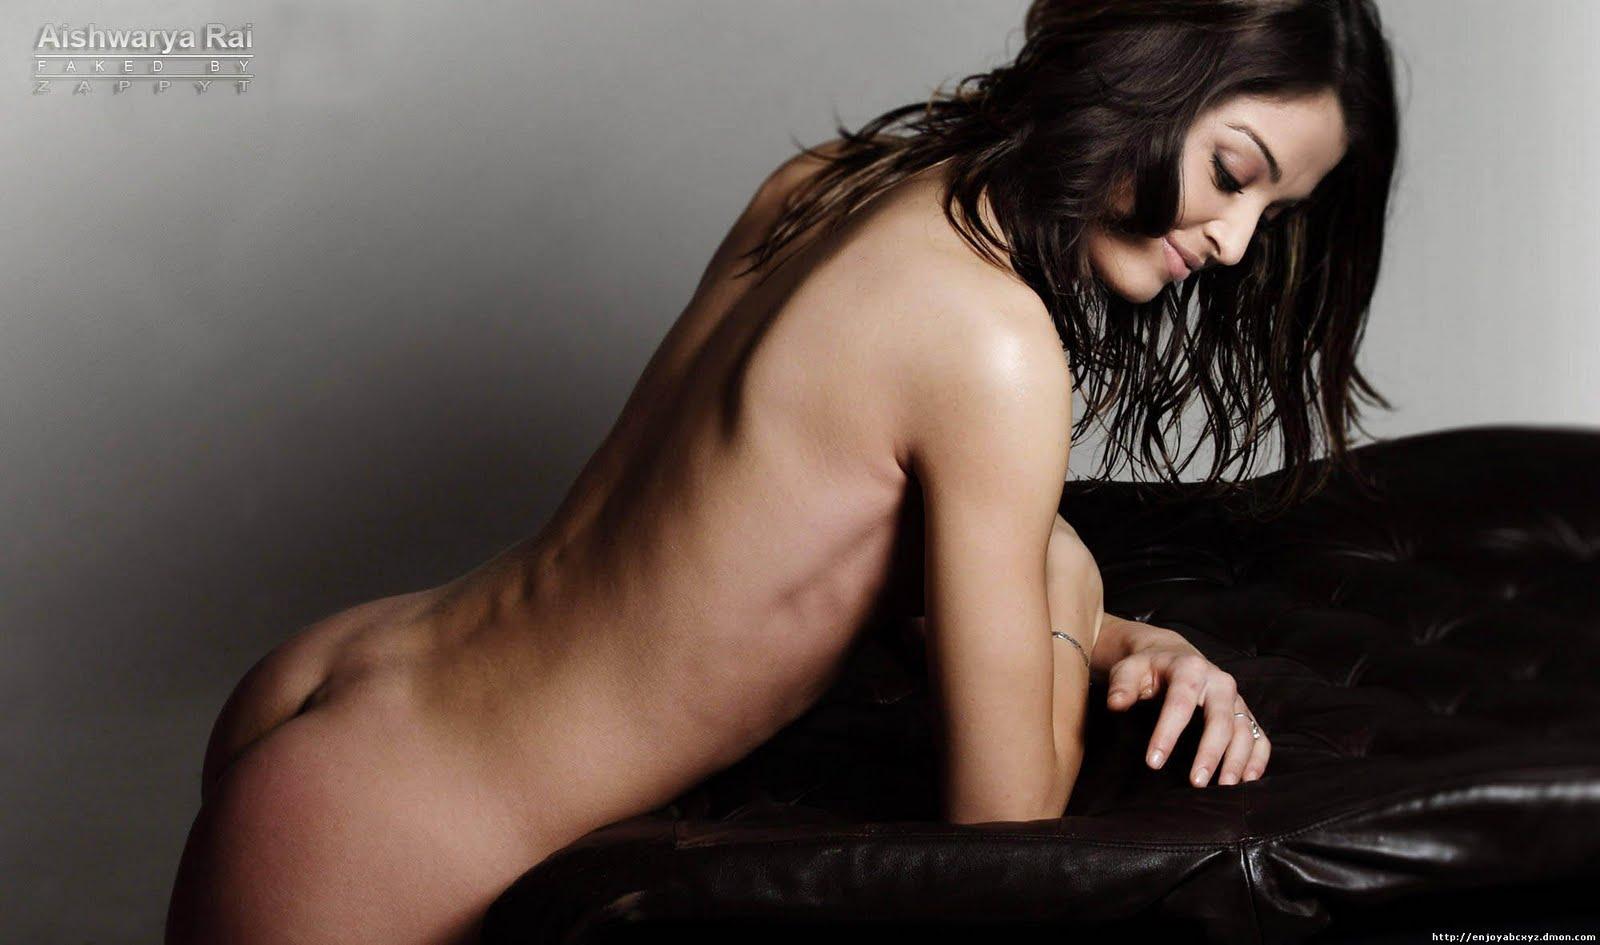 Aishwarya Rai Showing Her Ass